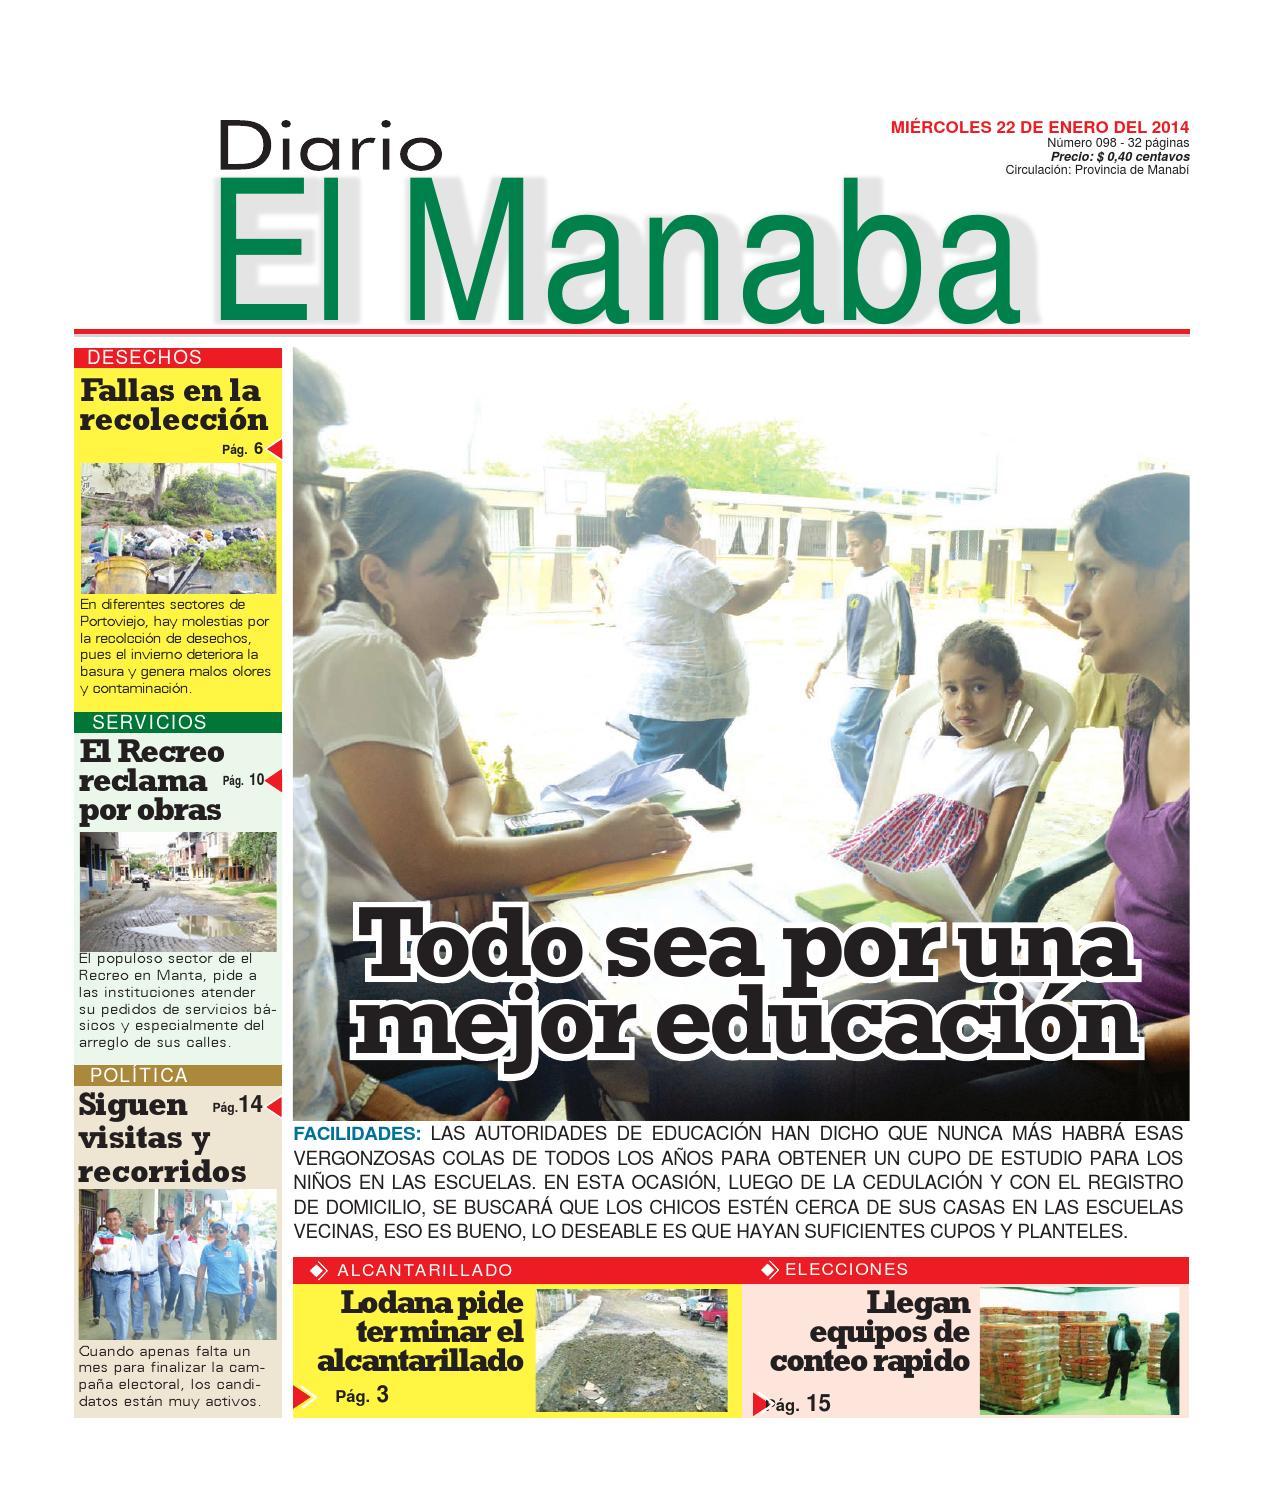 Diario el manaba enero 22 2014 by elmanaba - issuu